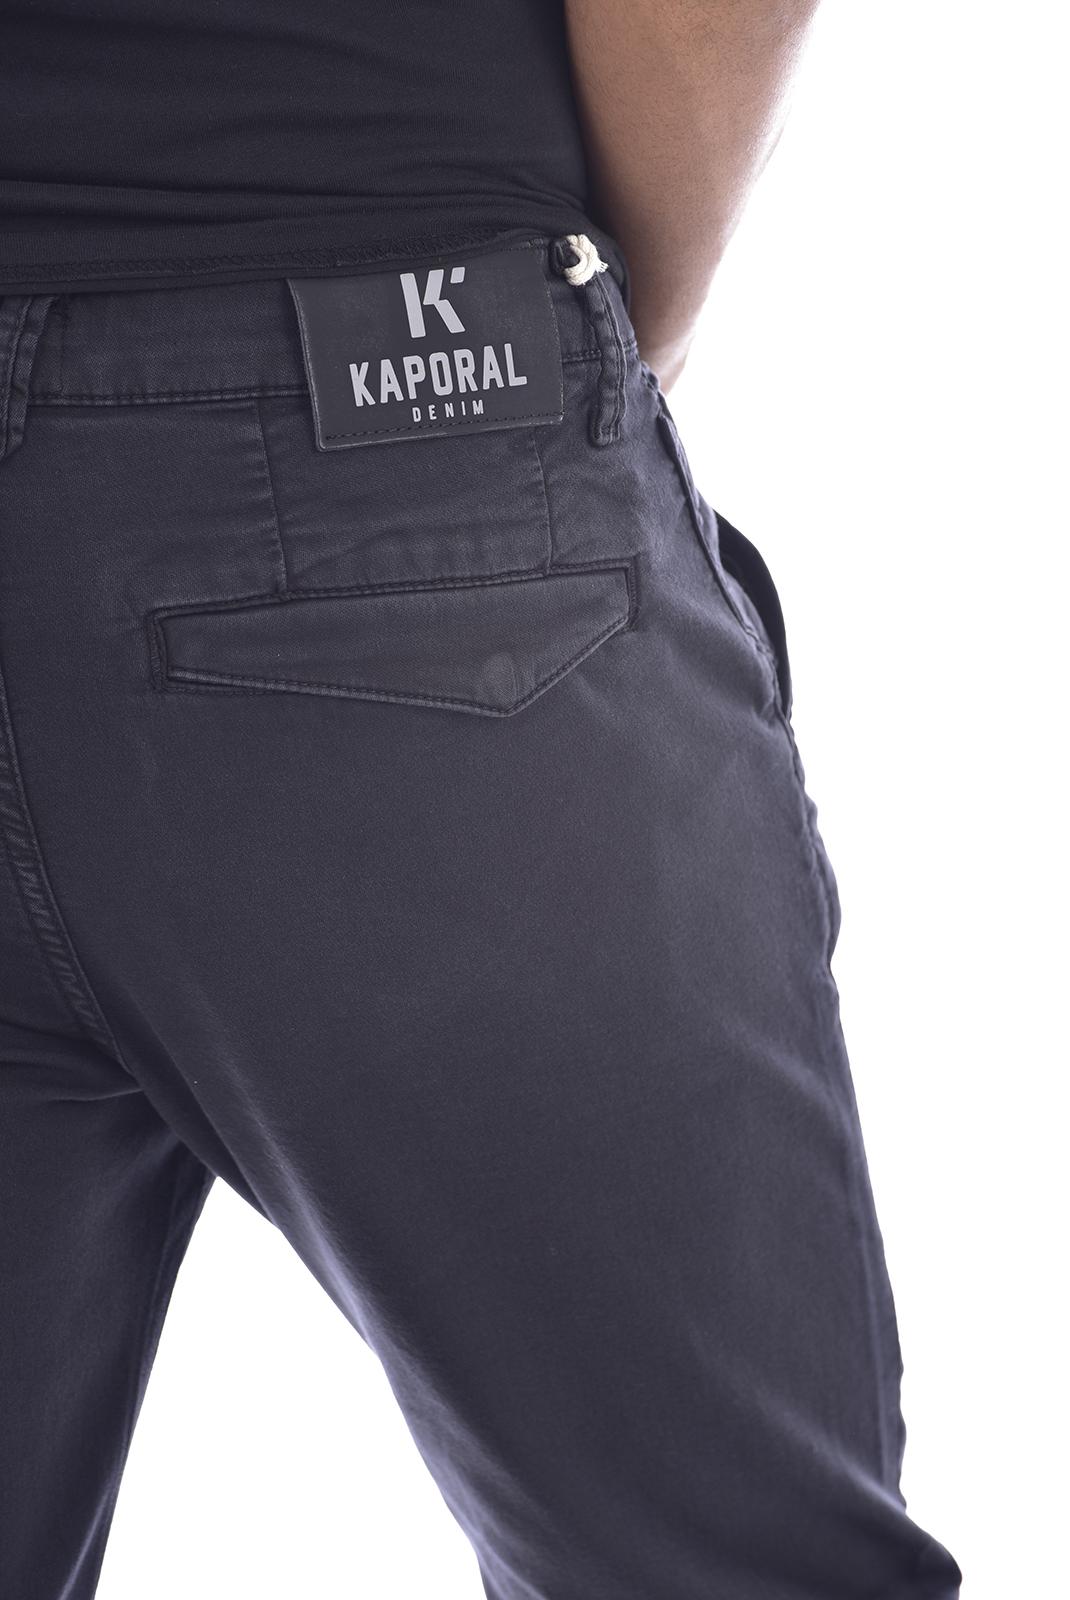 Pantalons chino/citadin  Kaporal IRWIX EXBLAC